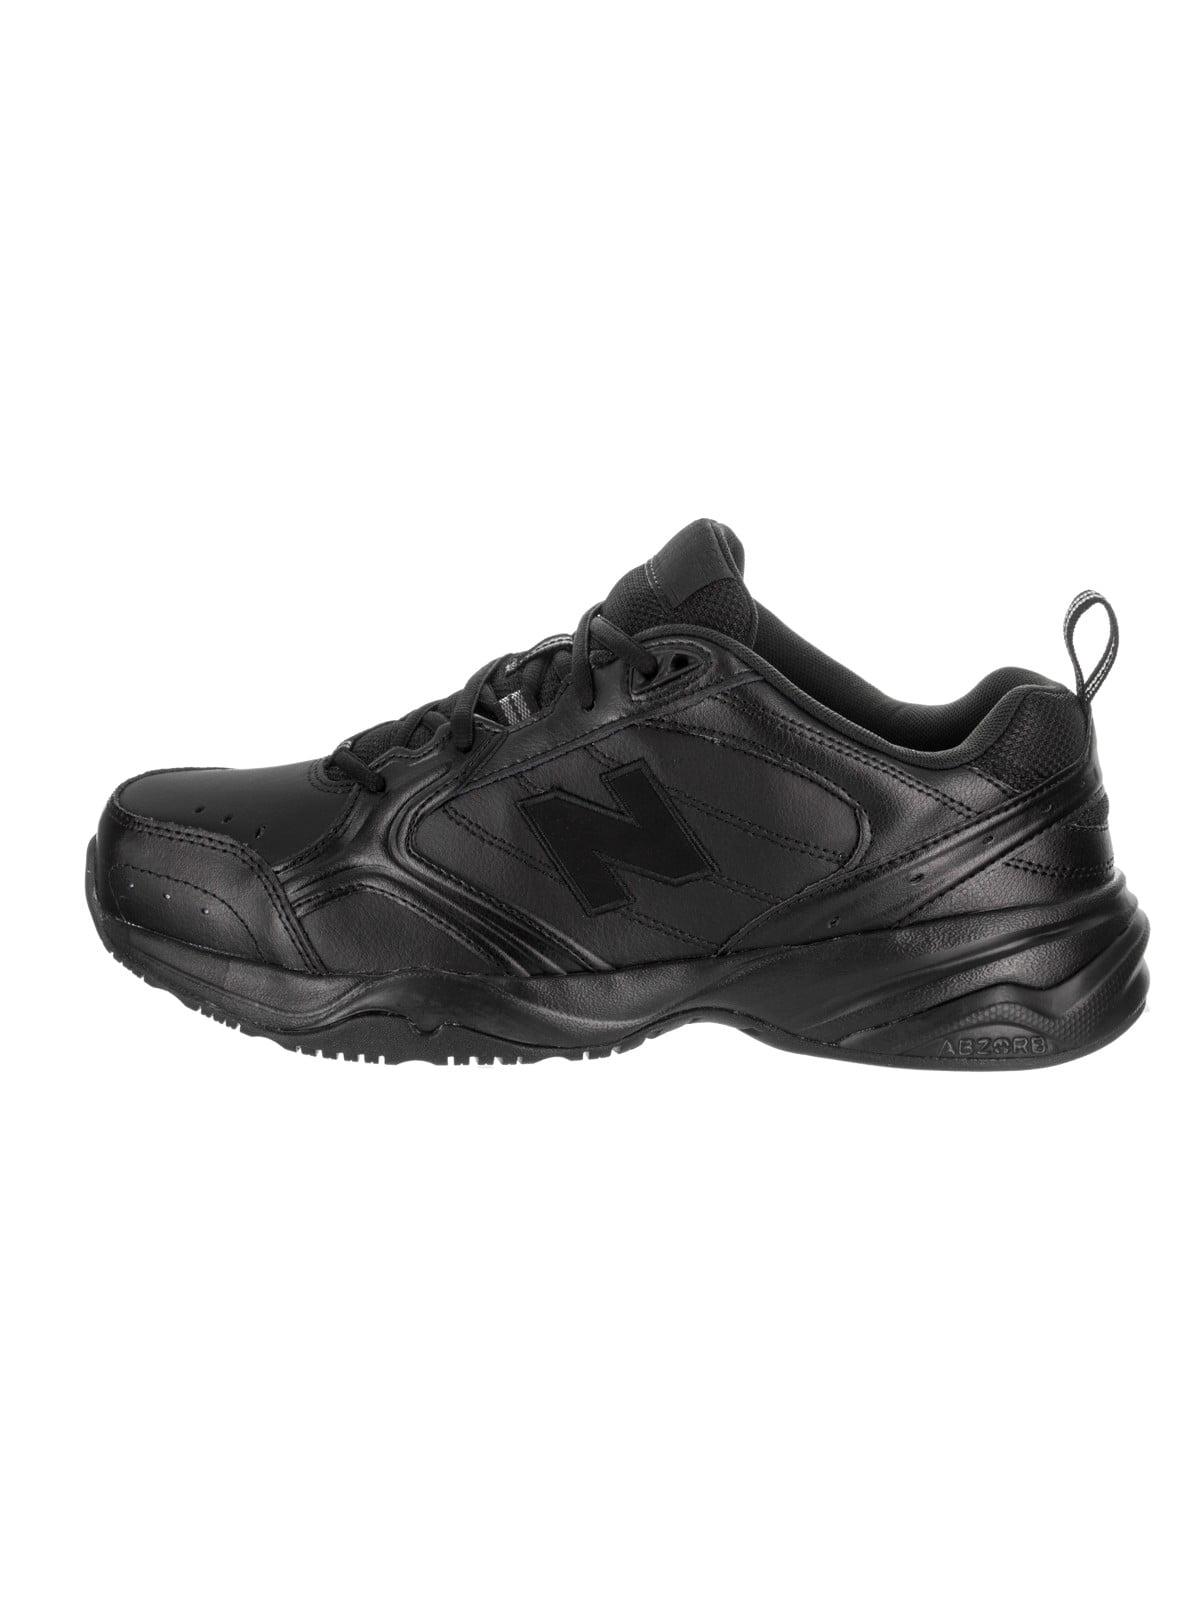 New Balance Men's 624 - Shoe 4E Running Shoe - 854129